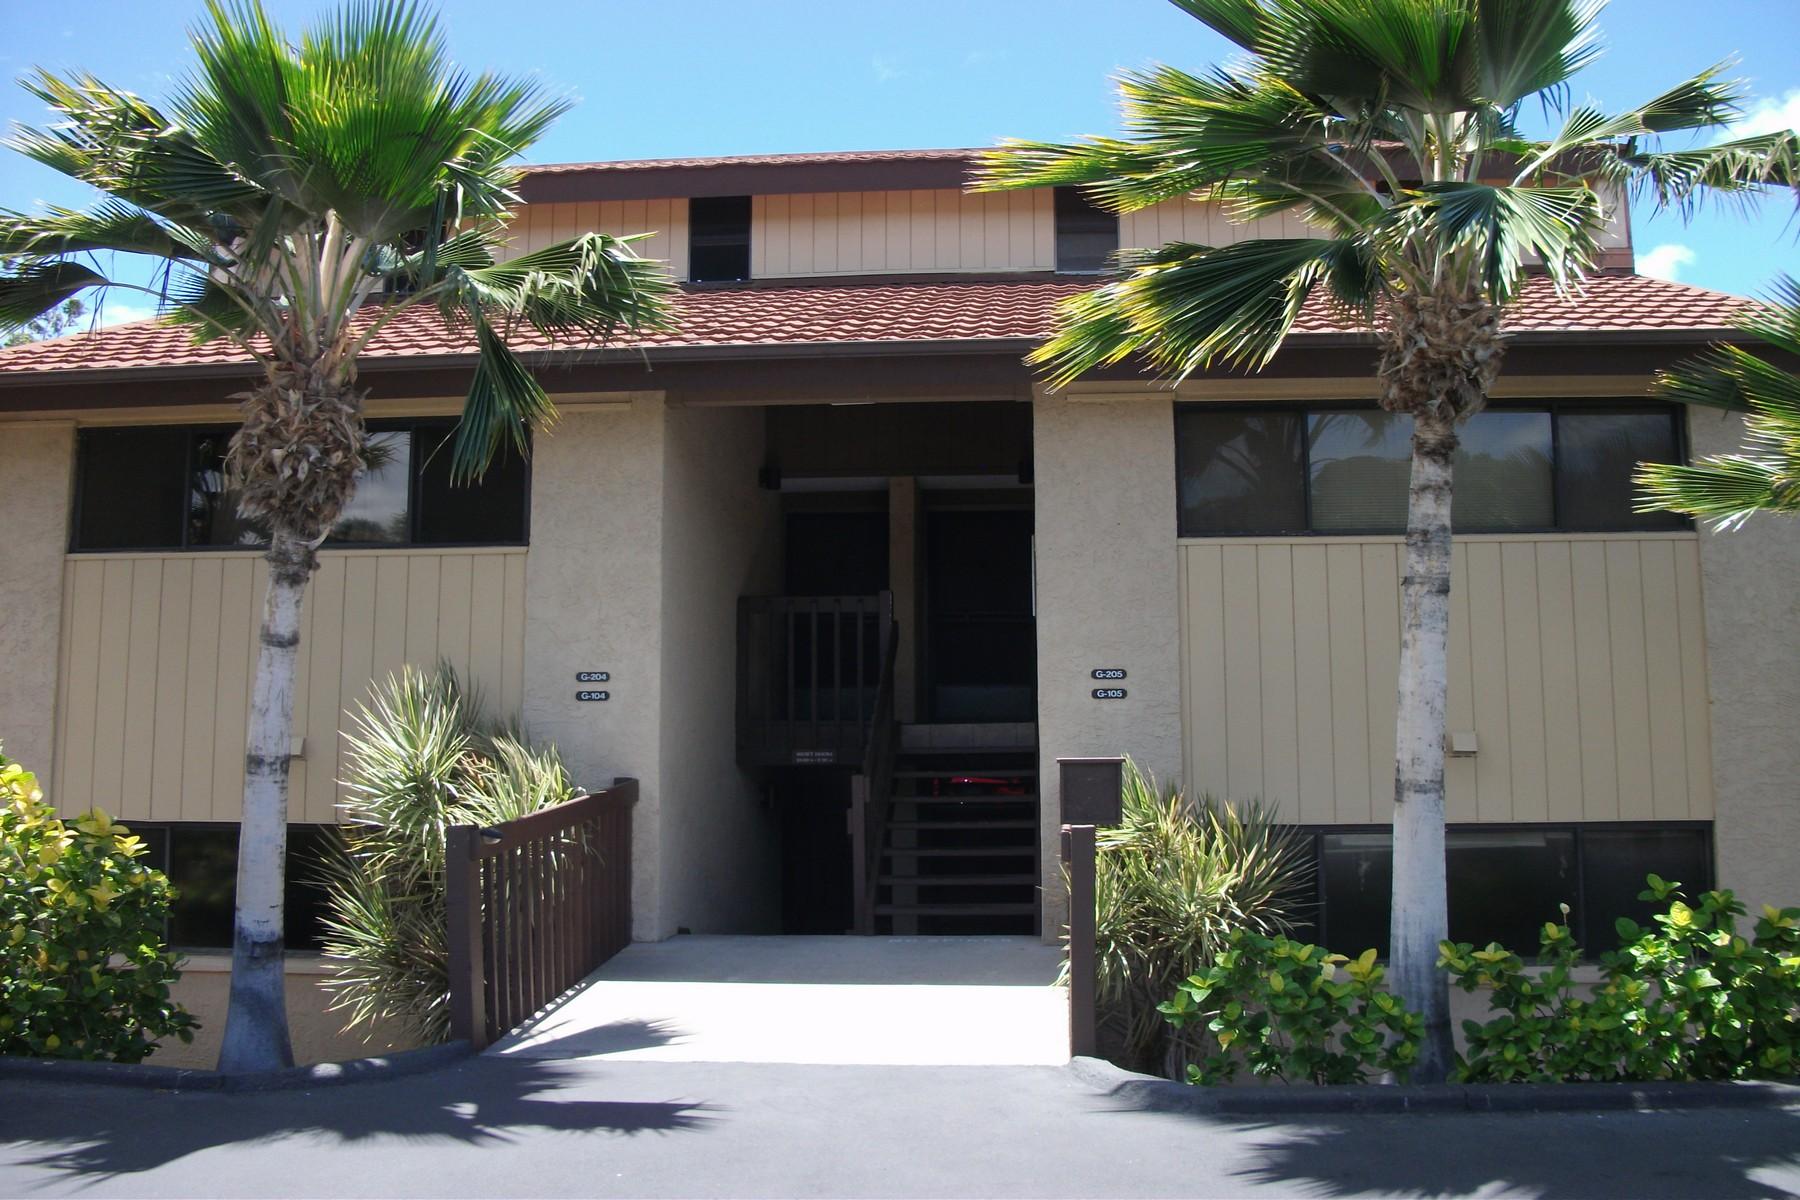 Eigentumswohnung für Verkauf beim Waikoloa Villas 68-3840 Lua Kula St G105 Waikoloa, Hawaii 96738 Vereinigte Staaten